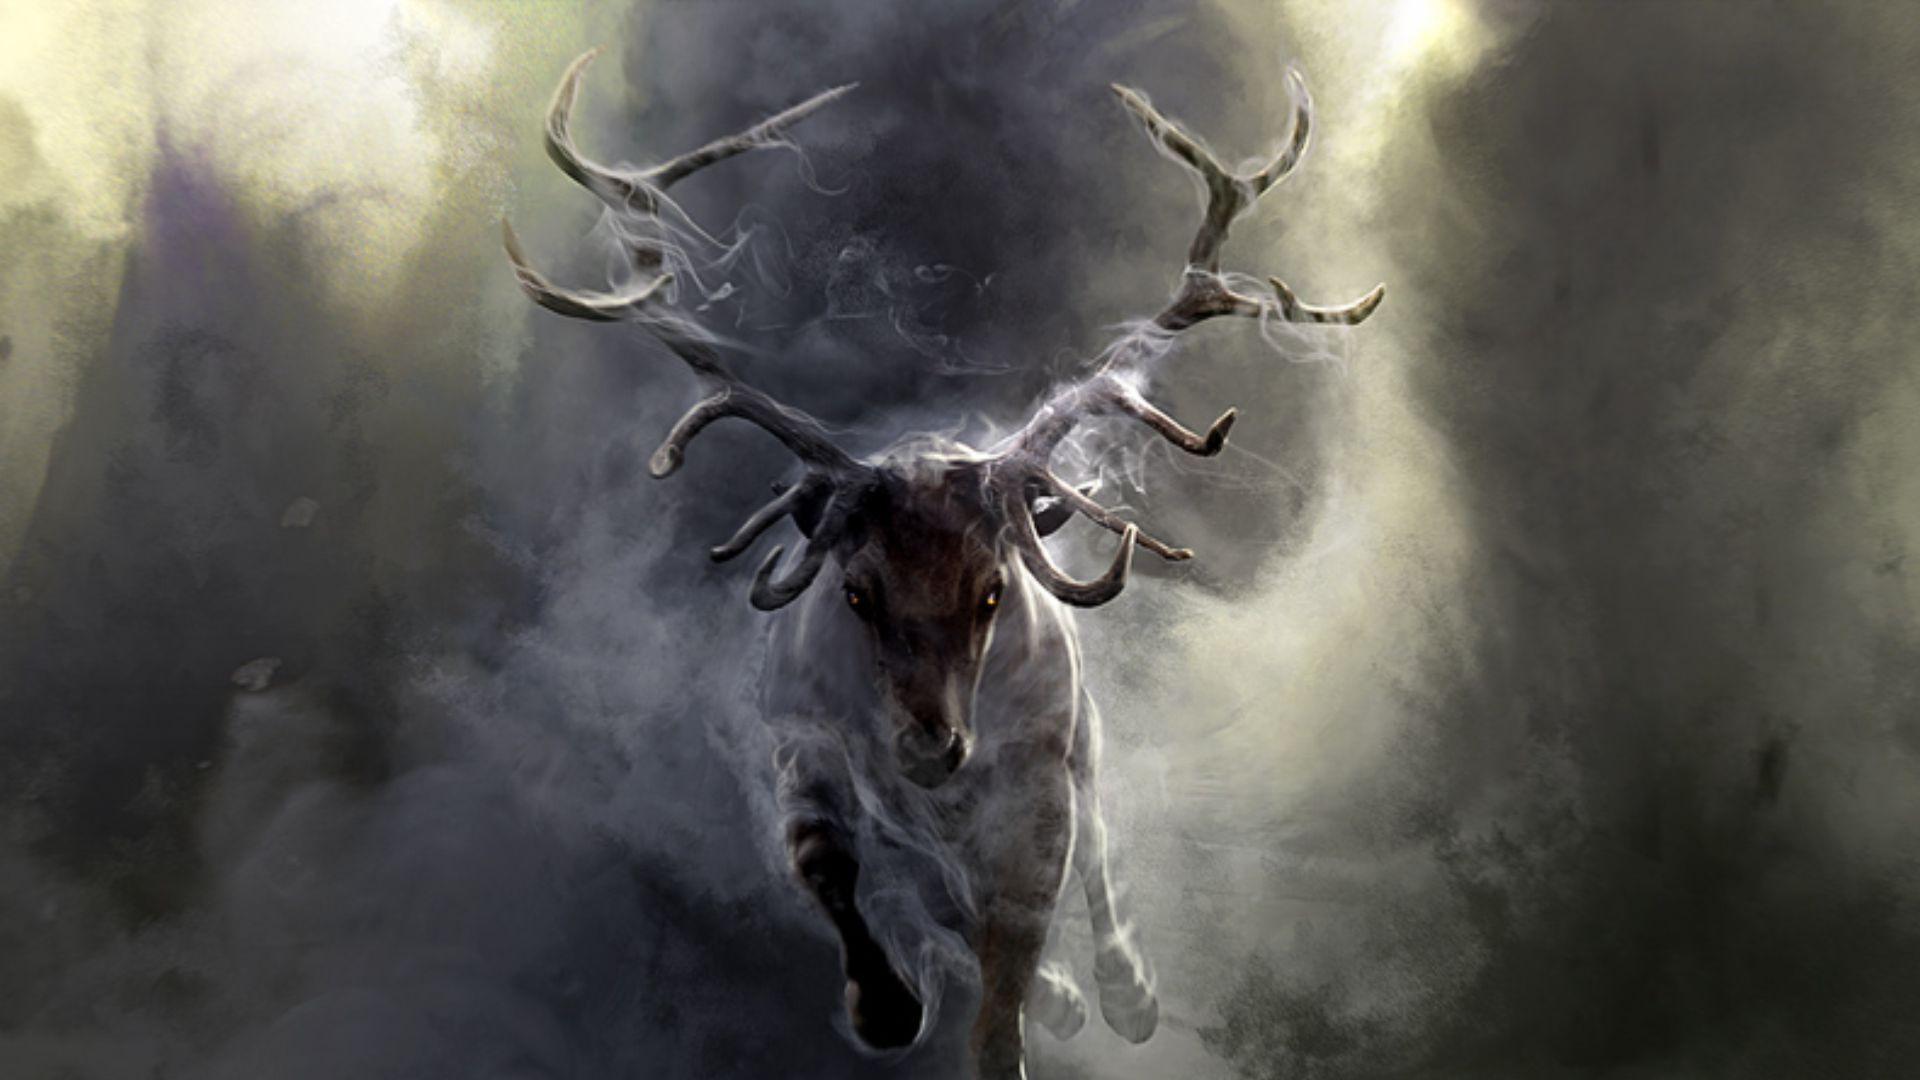 Download Wallpaper 1920x1080 Deer, Smoke, Run, Horns Full